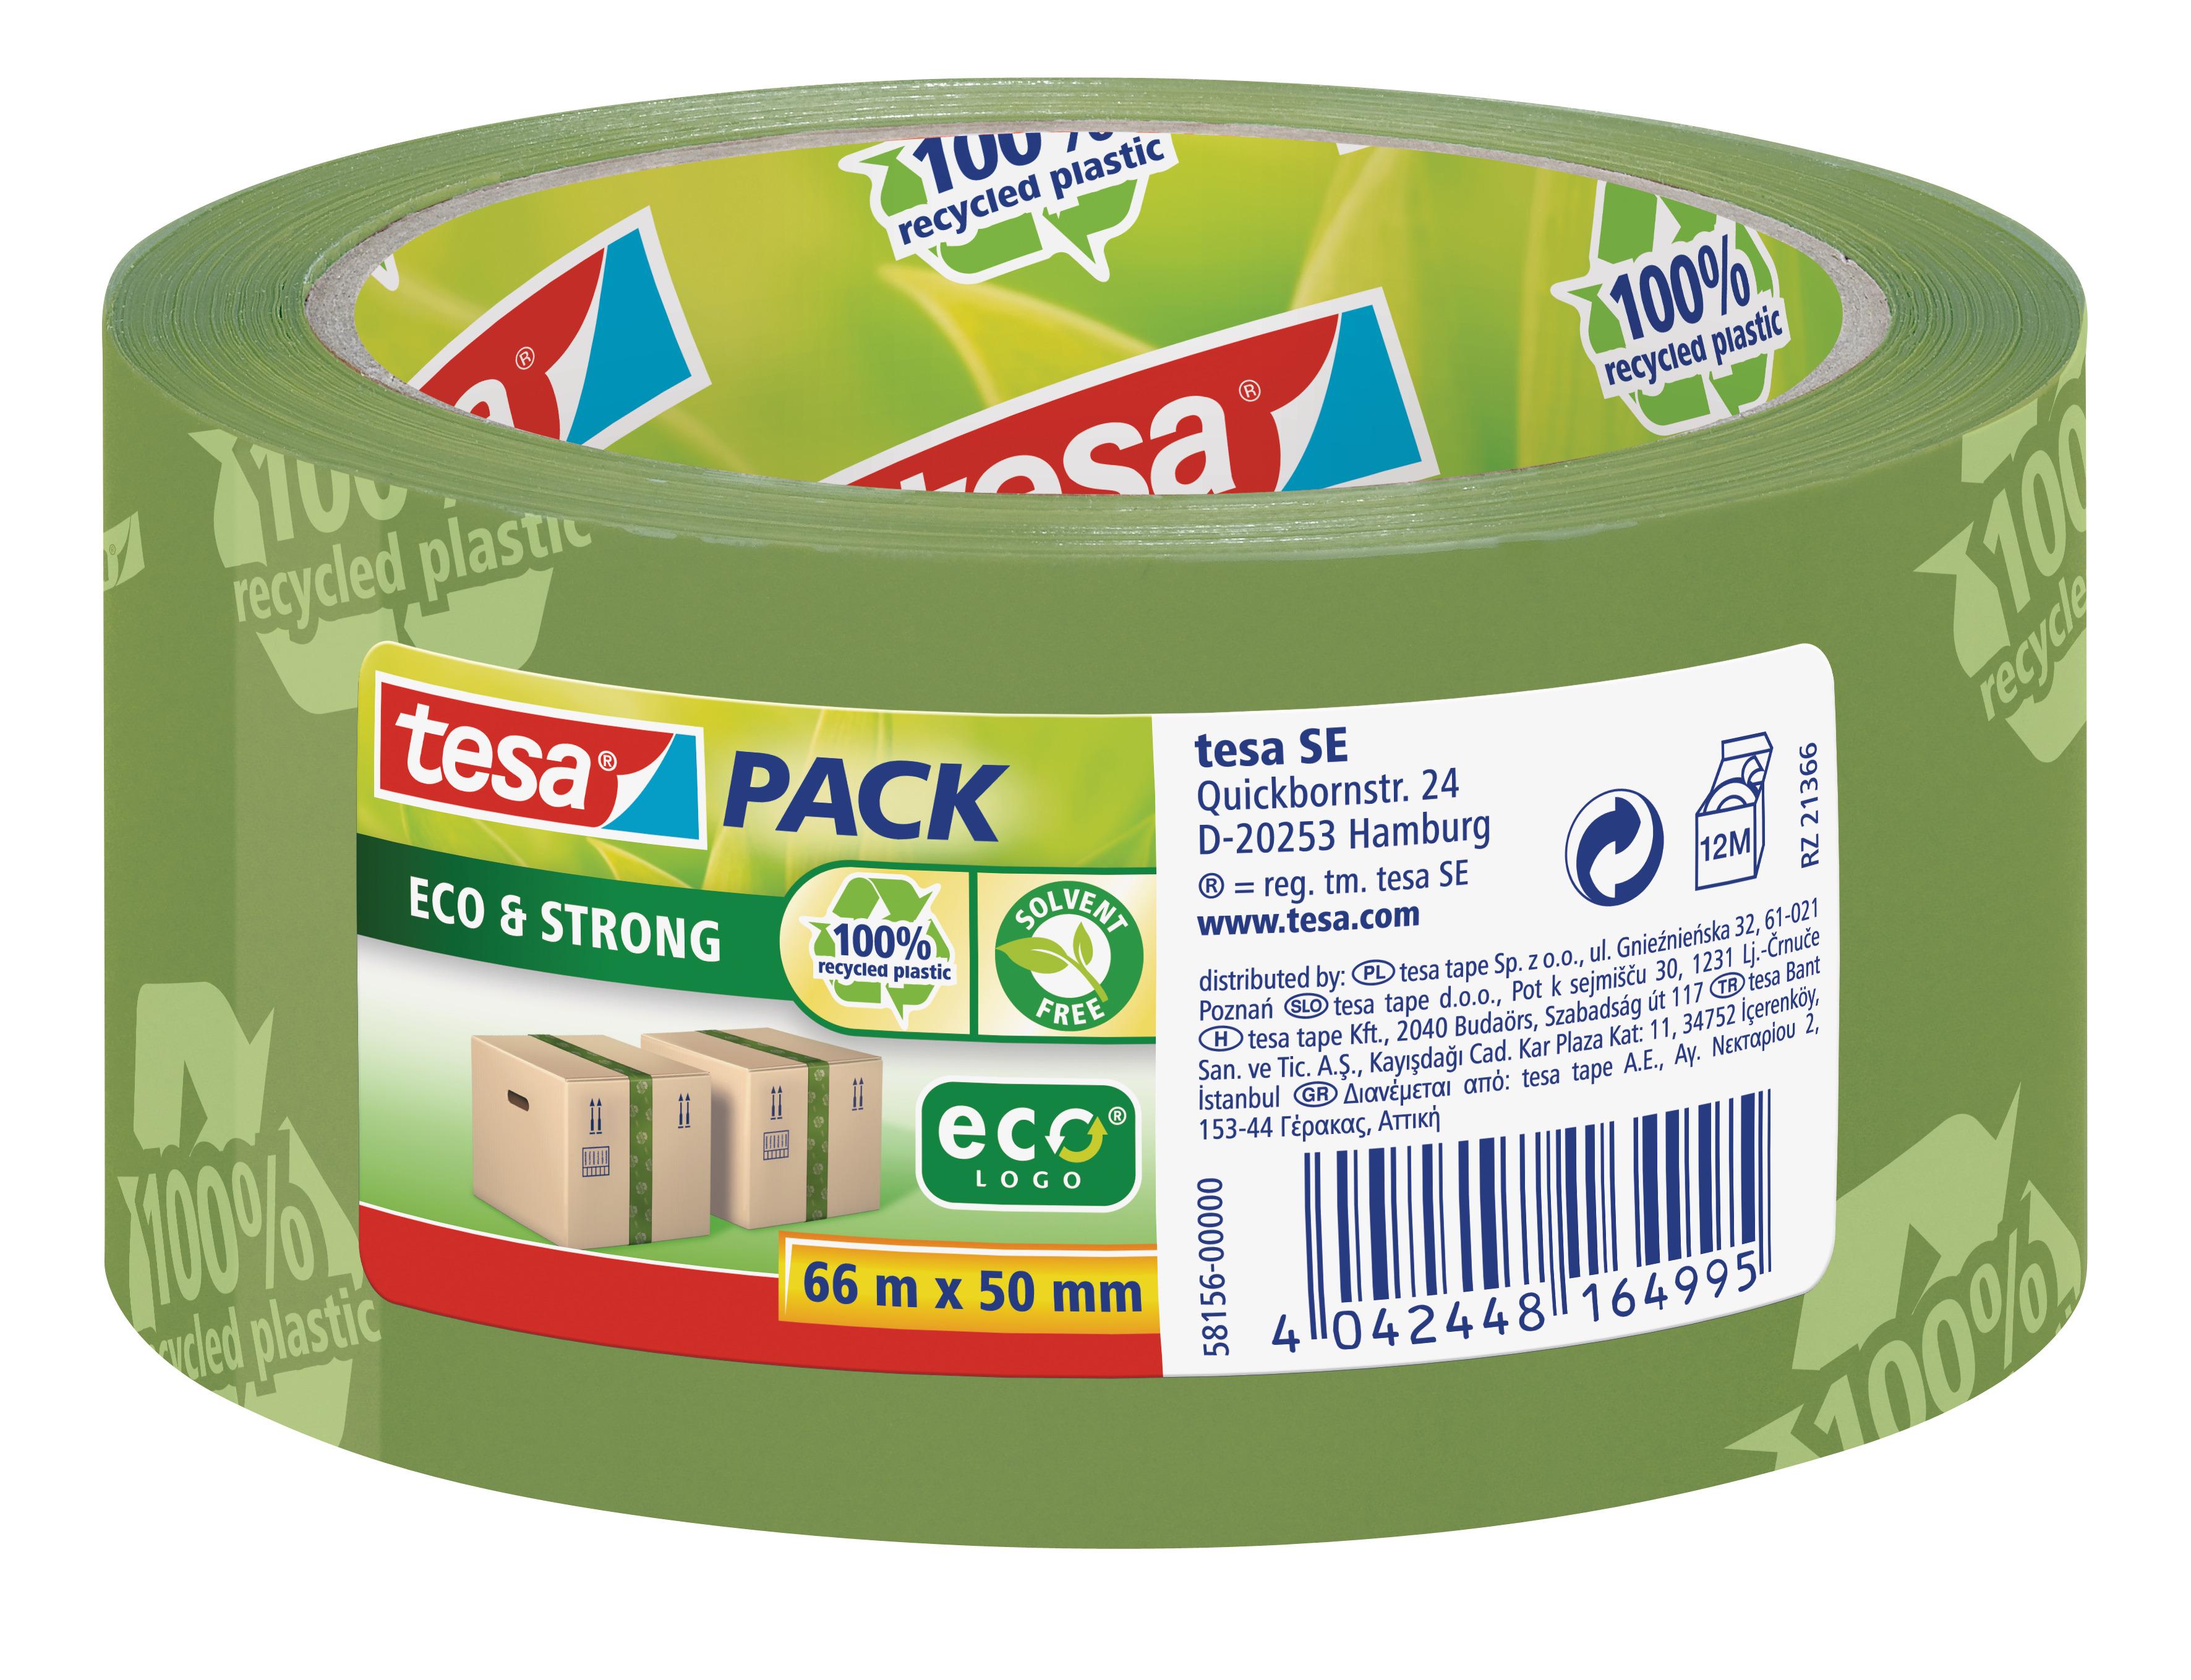 Vorschau: GP: 0,05 EUR/m tesa tesapack Eco & Strong 66m x 50mm grün ( bedruckt )